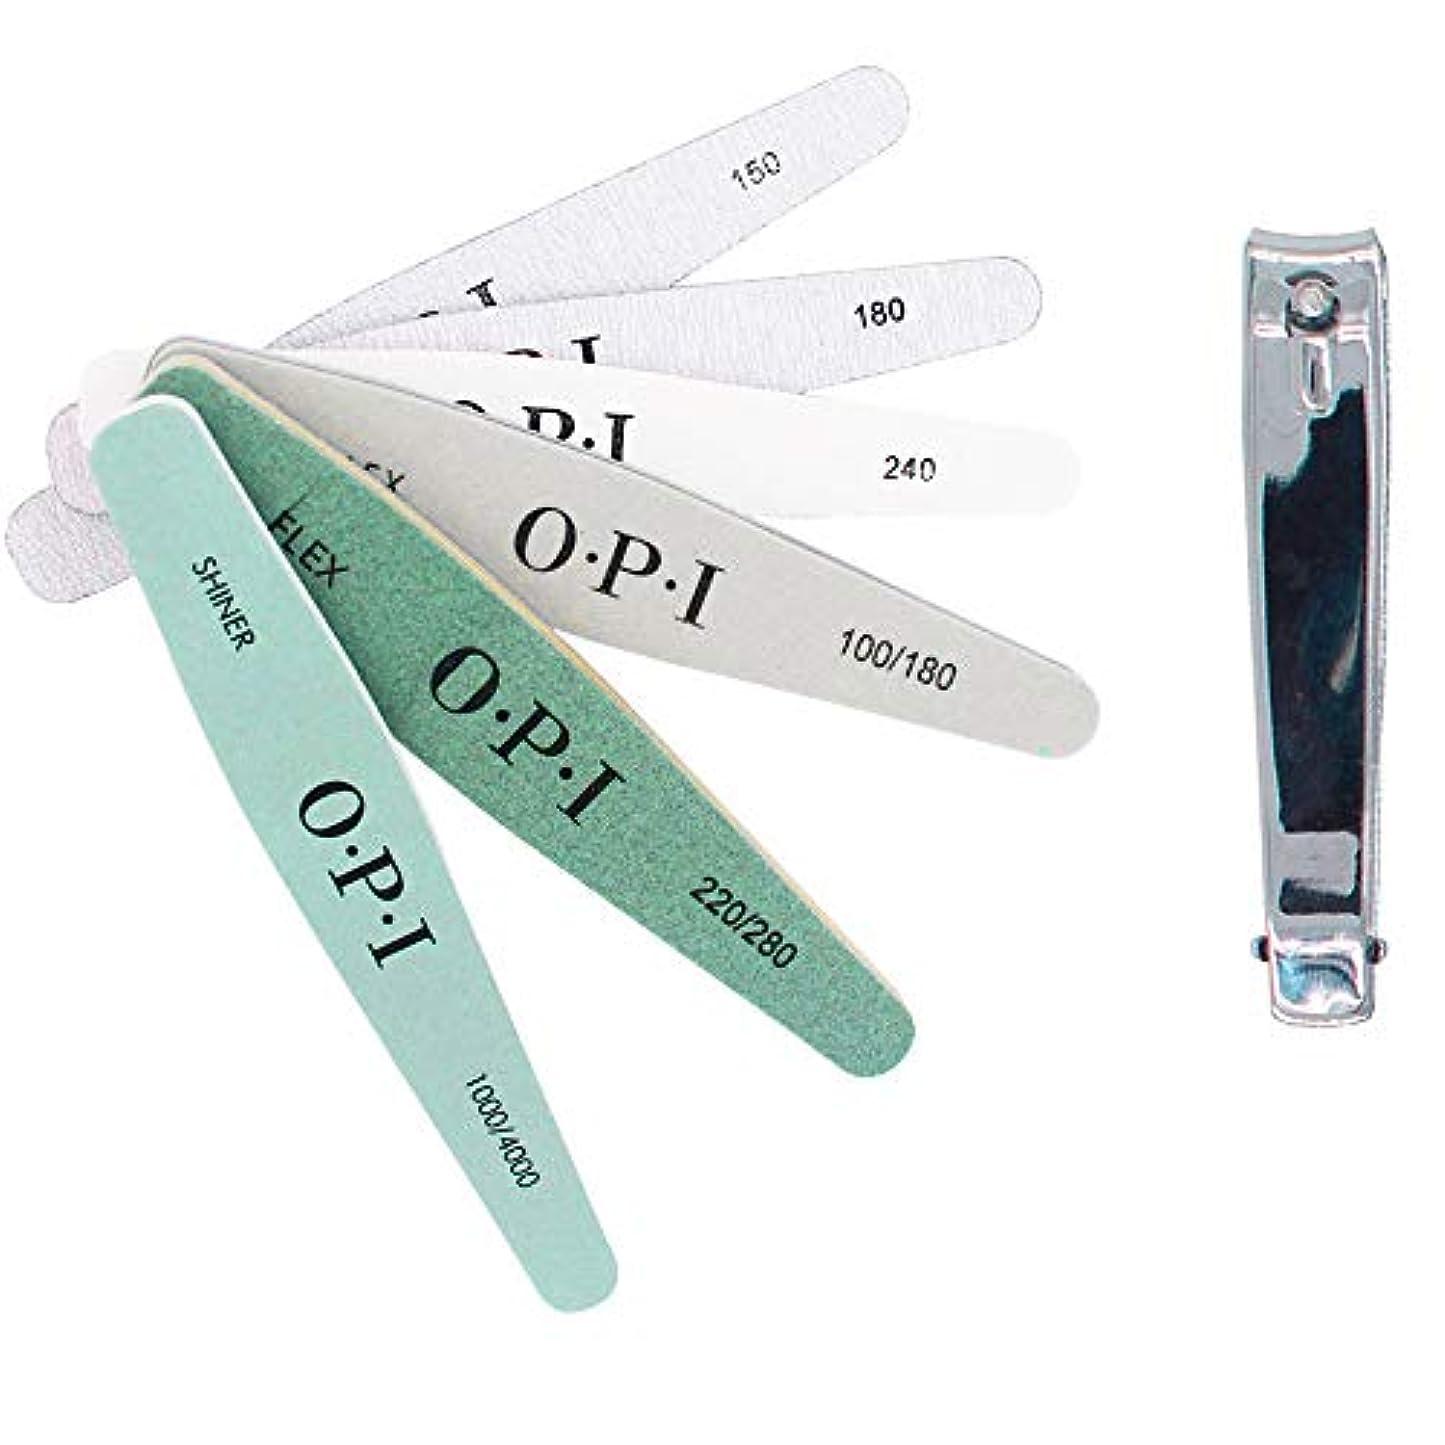 崩壊オープナー日の出KINYOOOスポンジファイル、爪やすり、ネイルをつやつやに、のネイルツール、 150/180/200/240/280/1000/4000と(1 PCSメタルネイルはさみ)、ネイルケア用化粧マニキュアペディキュアセット。